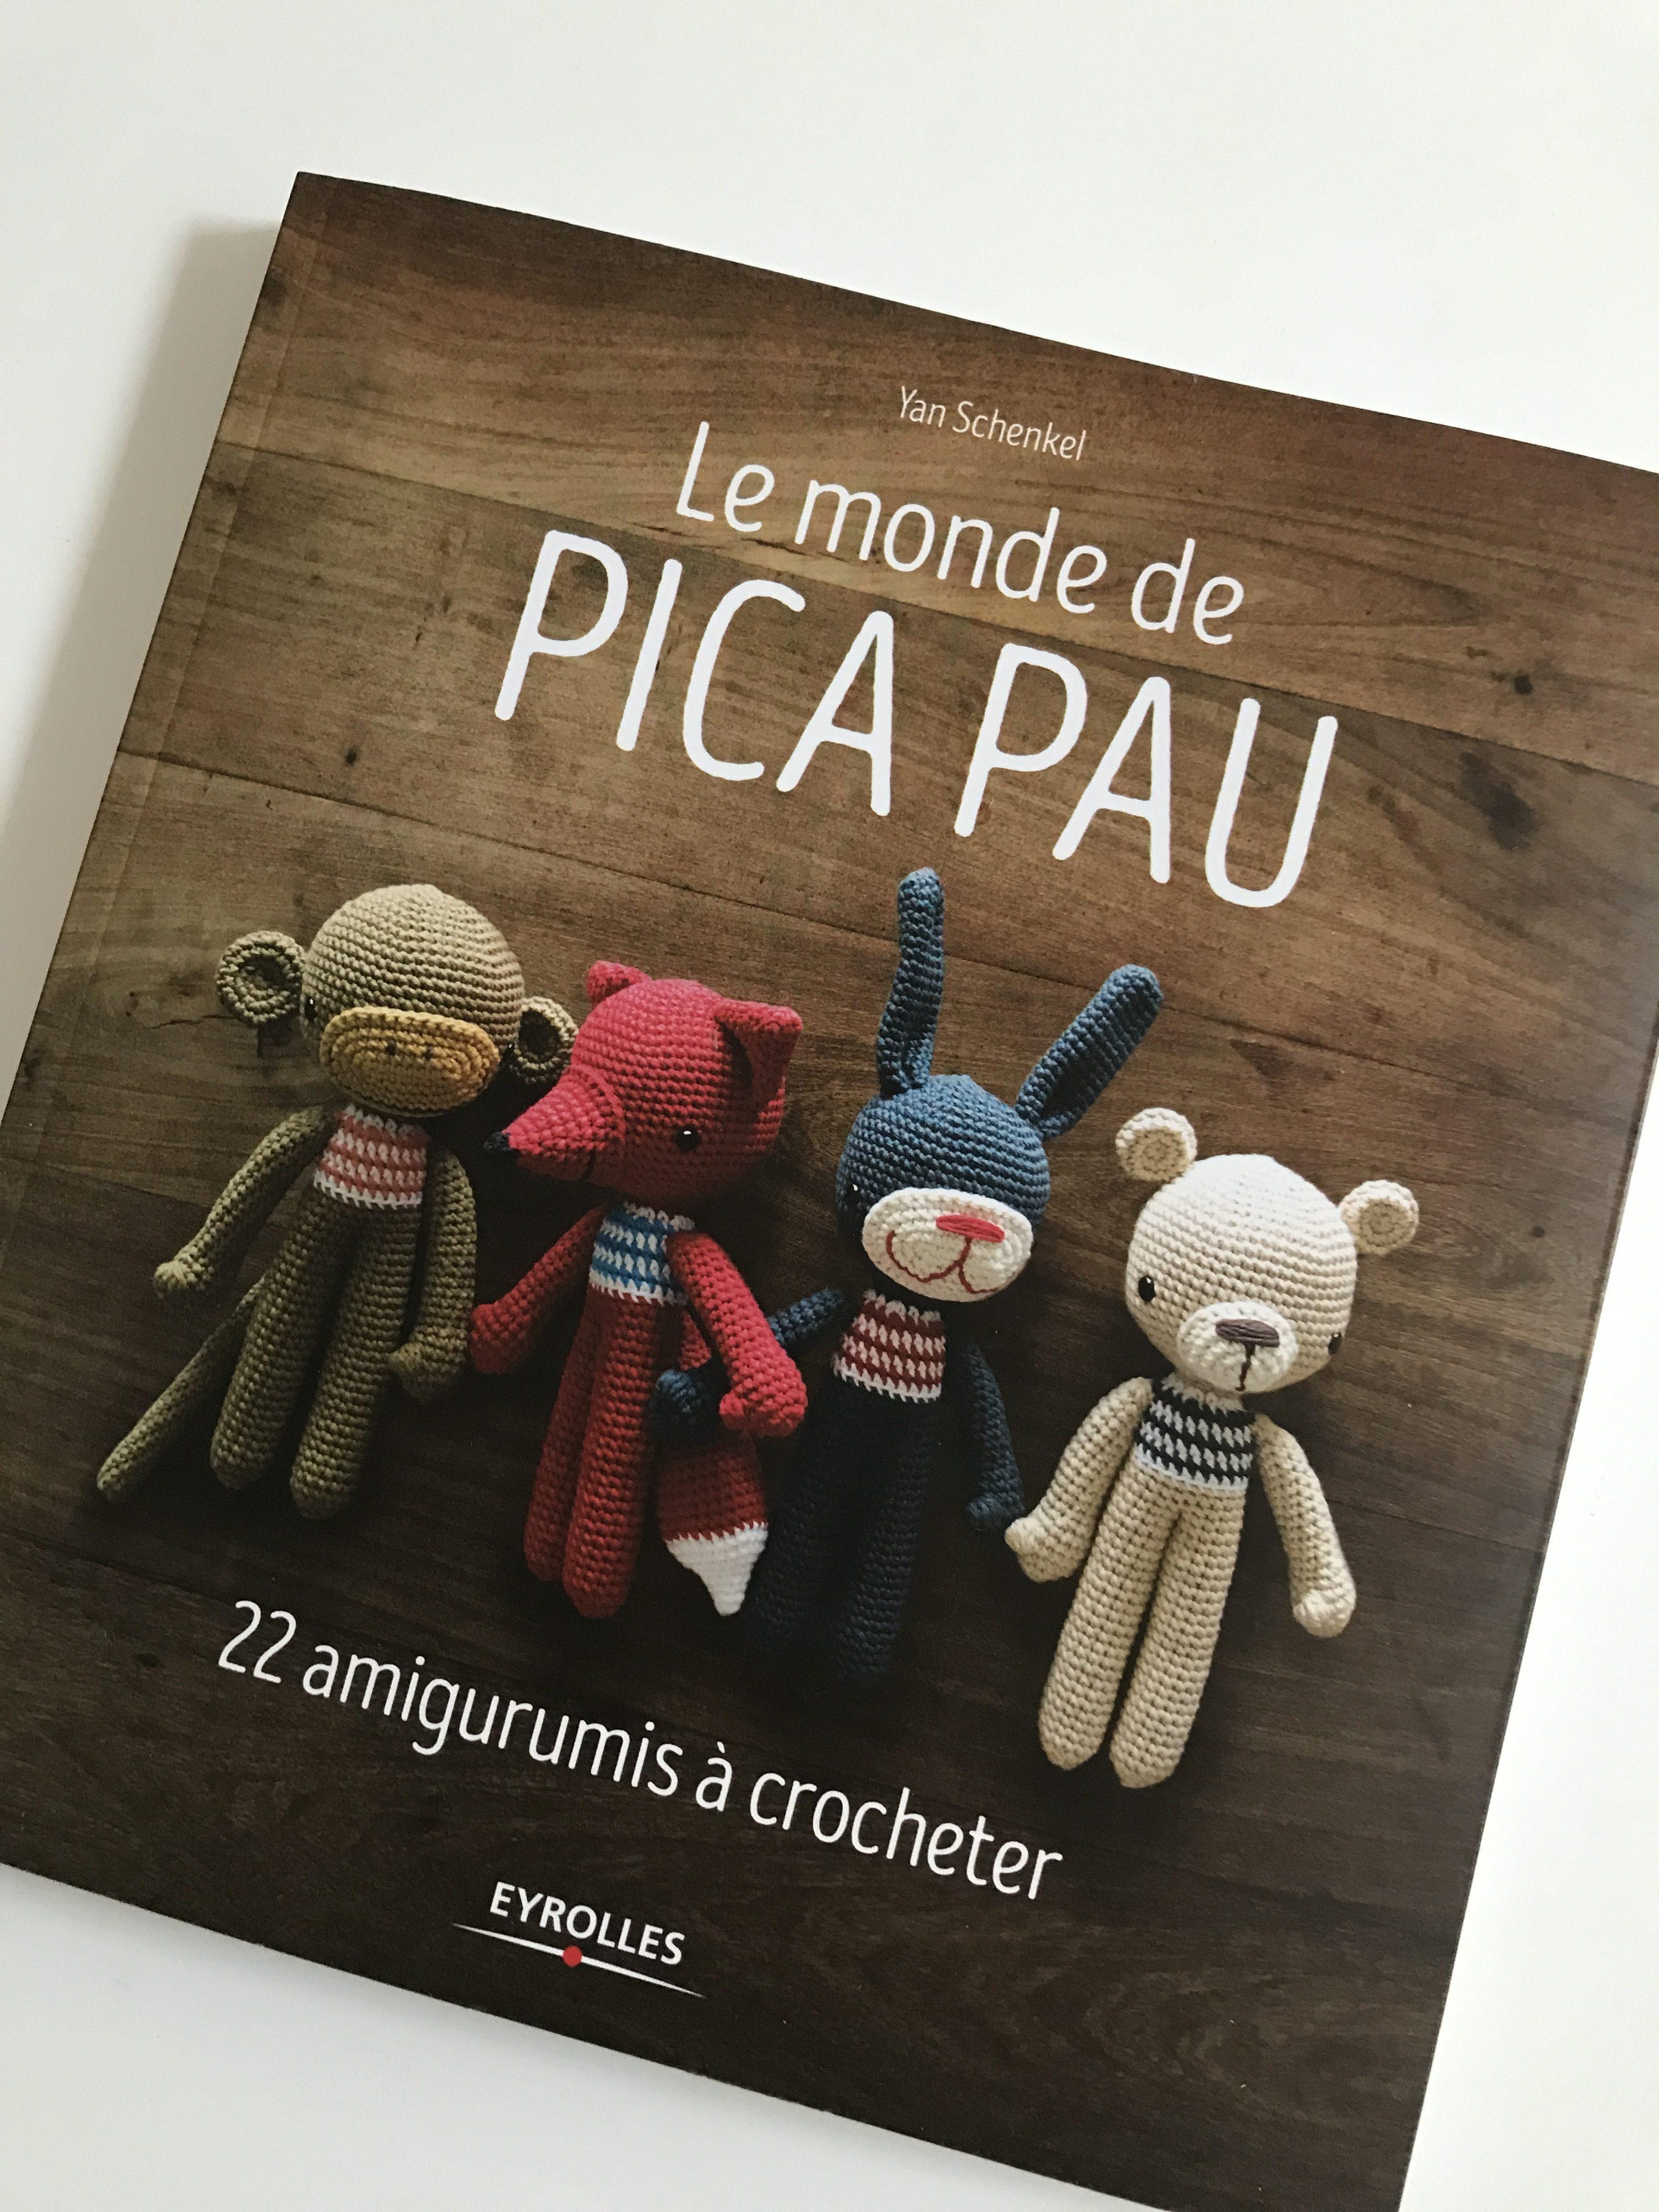 Le monde de picapau pakerette shop for Shop le monde